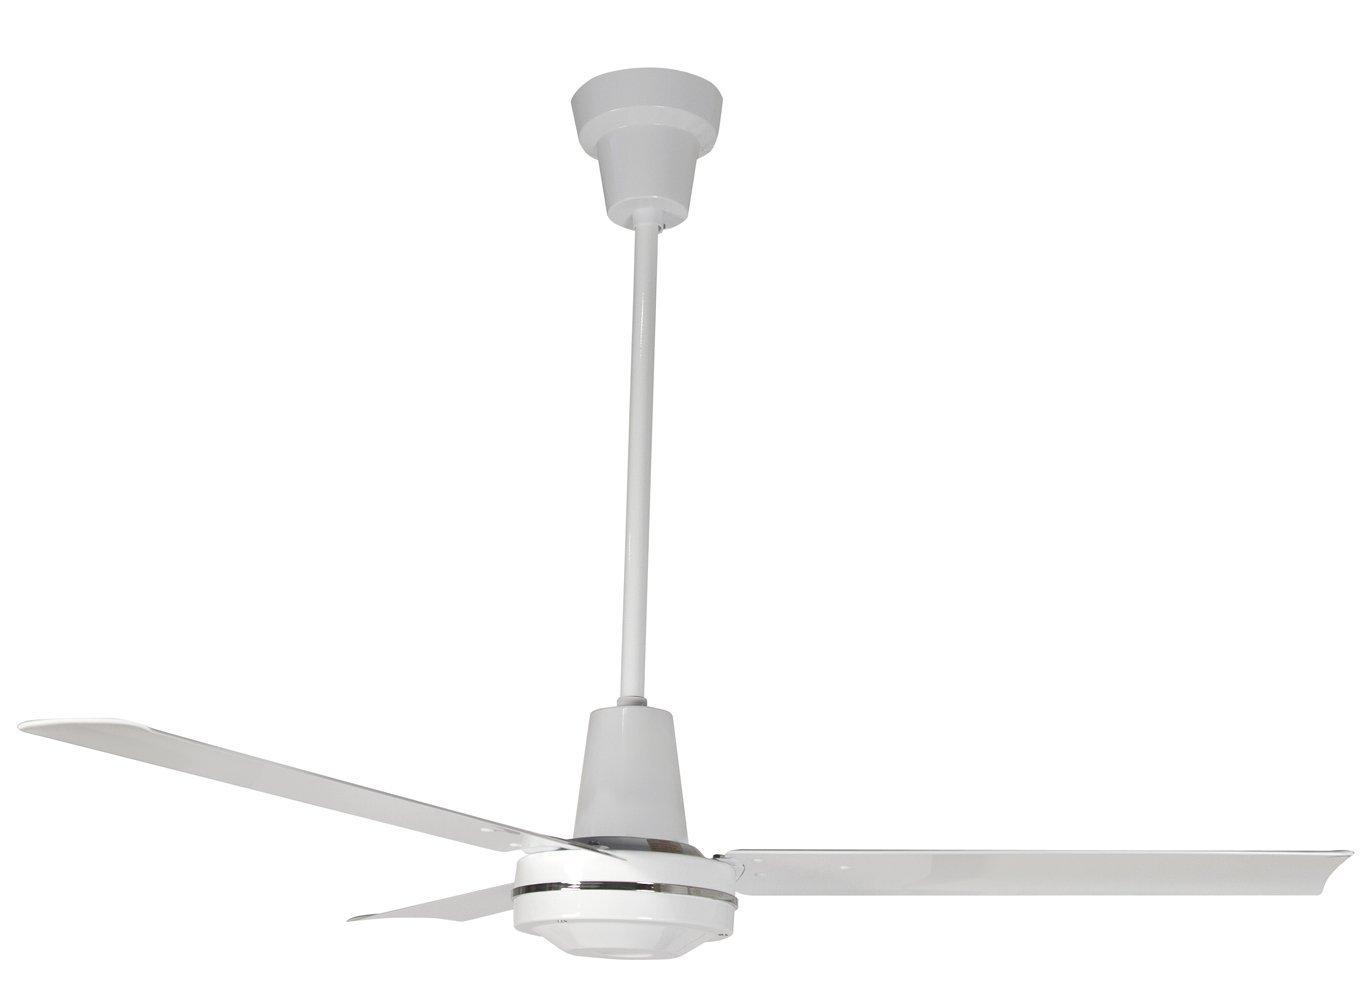 Leading Edge 48201 Heavy Duty Ceiling Fan, 21000 CFM, White